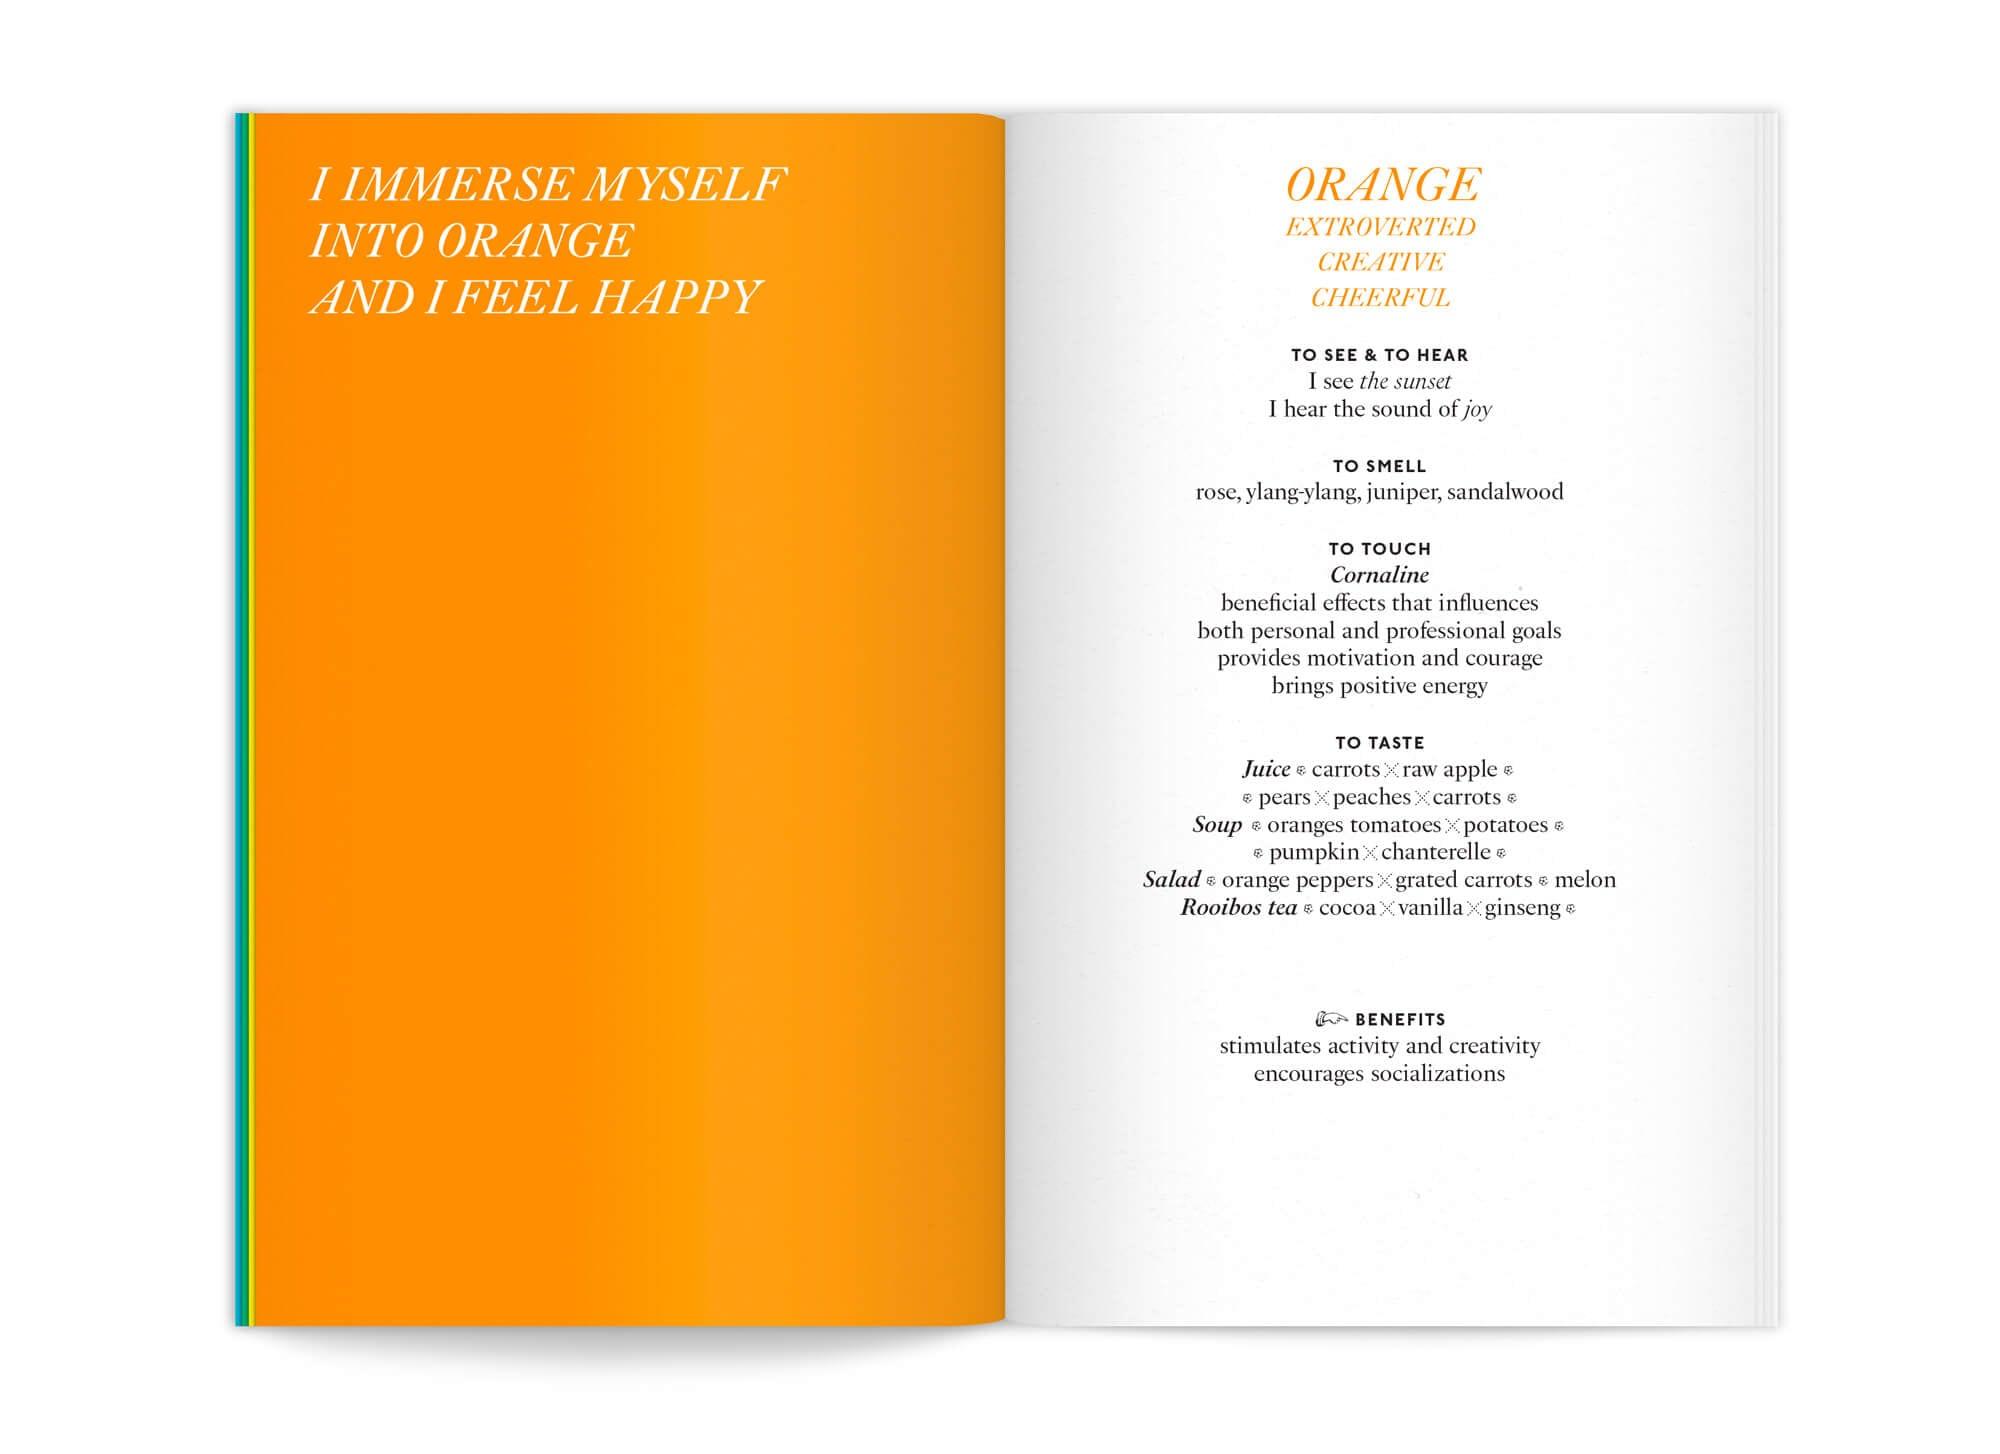 """Le bureau de graphisme IchetKar met en page cette édition """"color benefits"""" pour mycocoon, la page Orange vif représente la joie"""